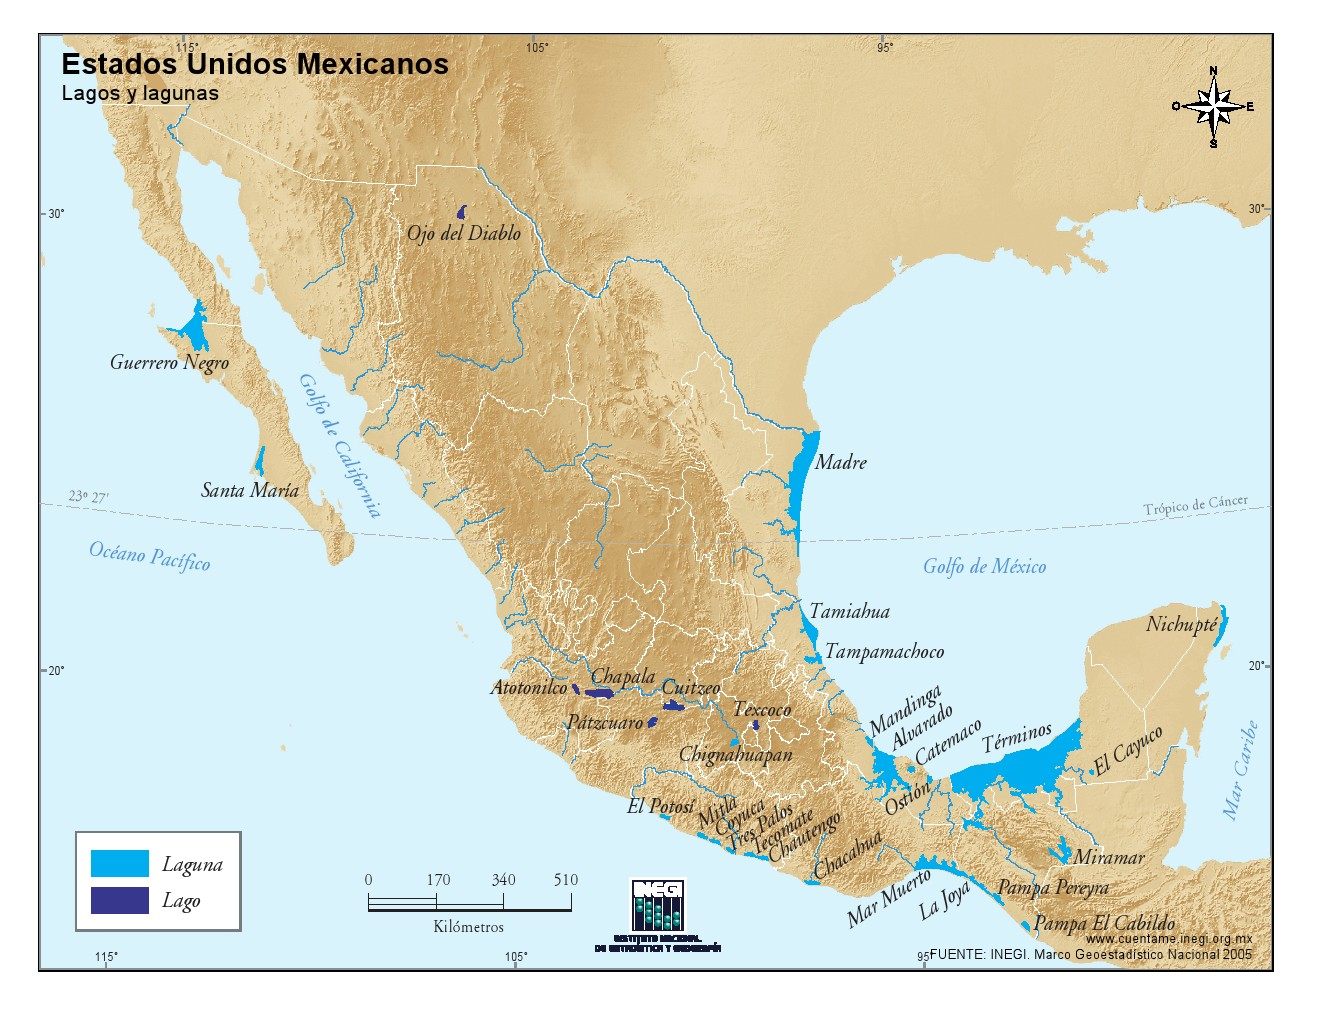 Mapa de lagos de México. INEGI de México